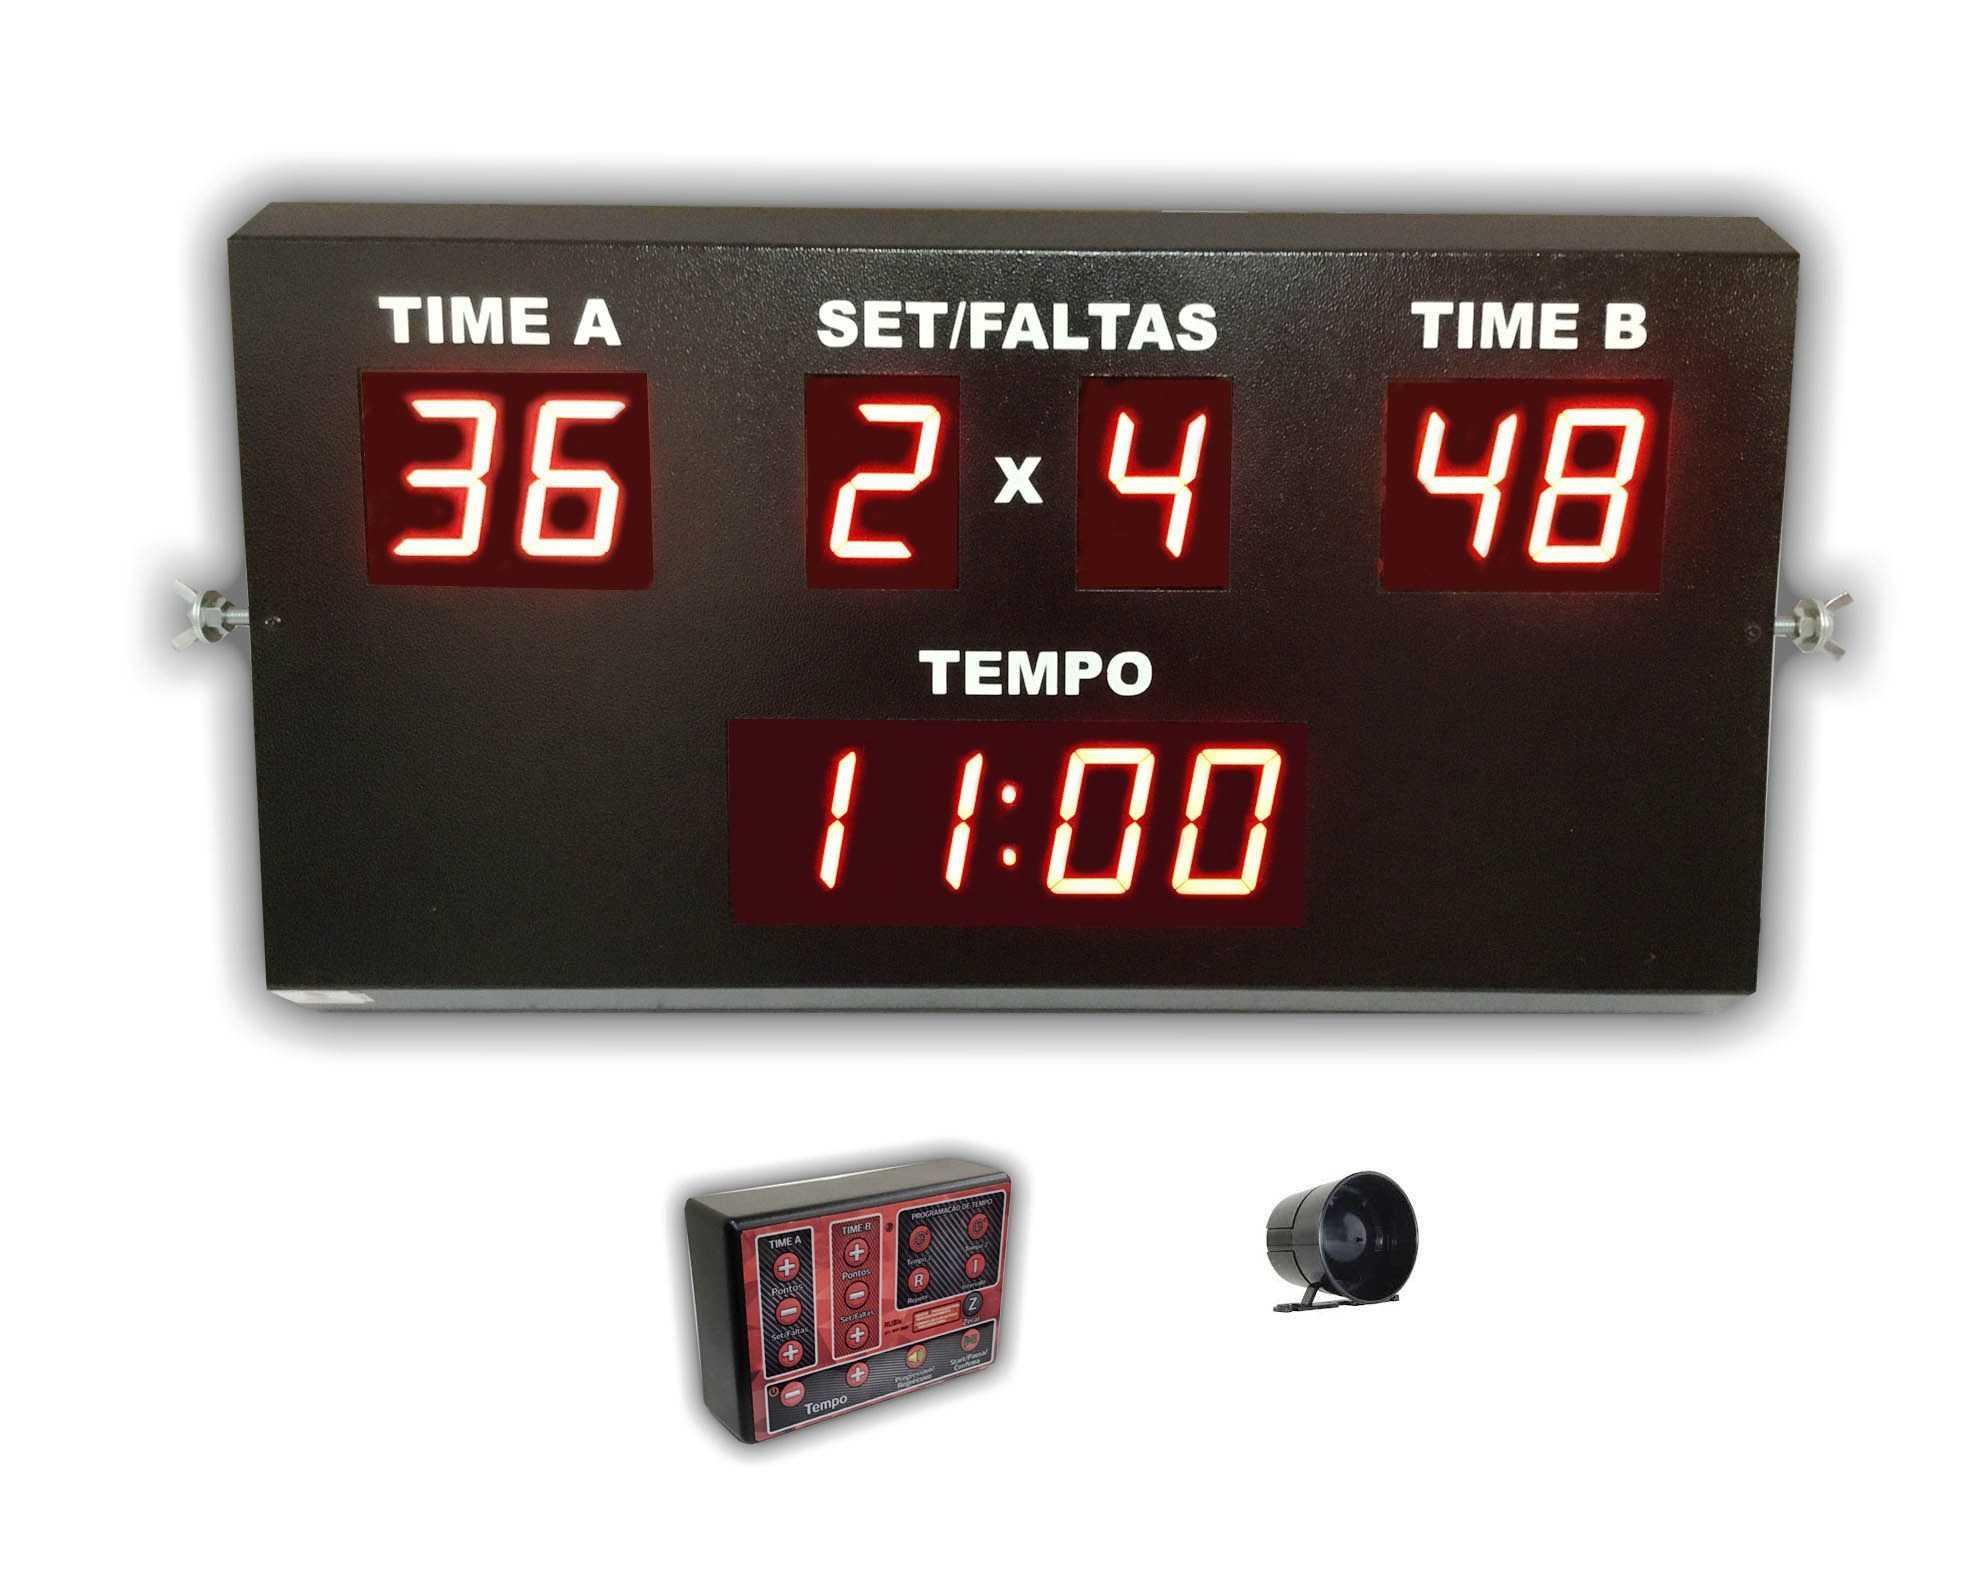 Placar eletrônico de led slim para futebol society e futsal